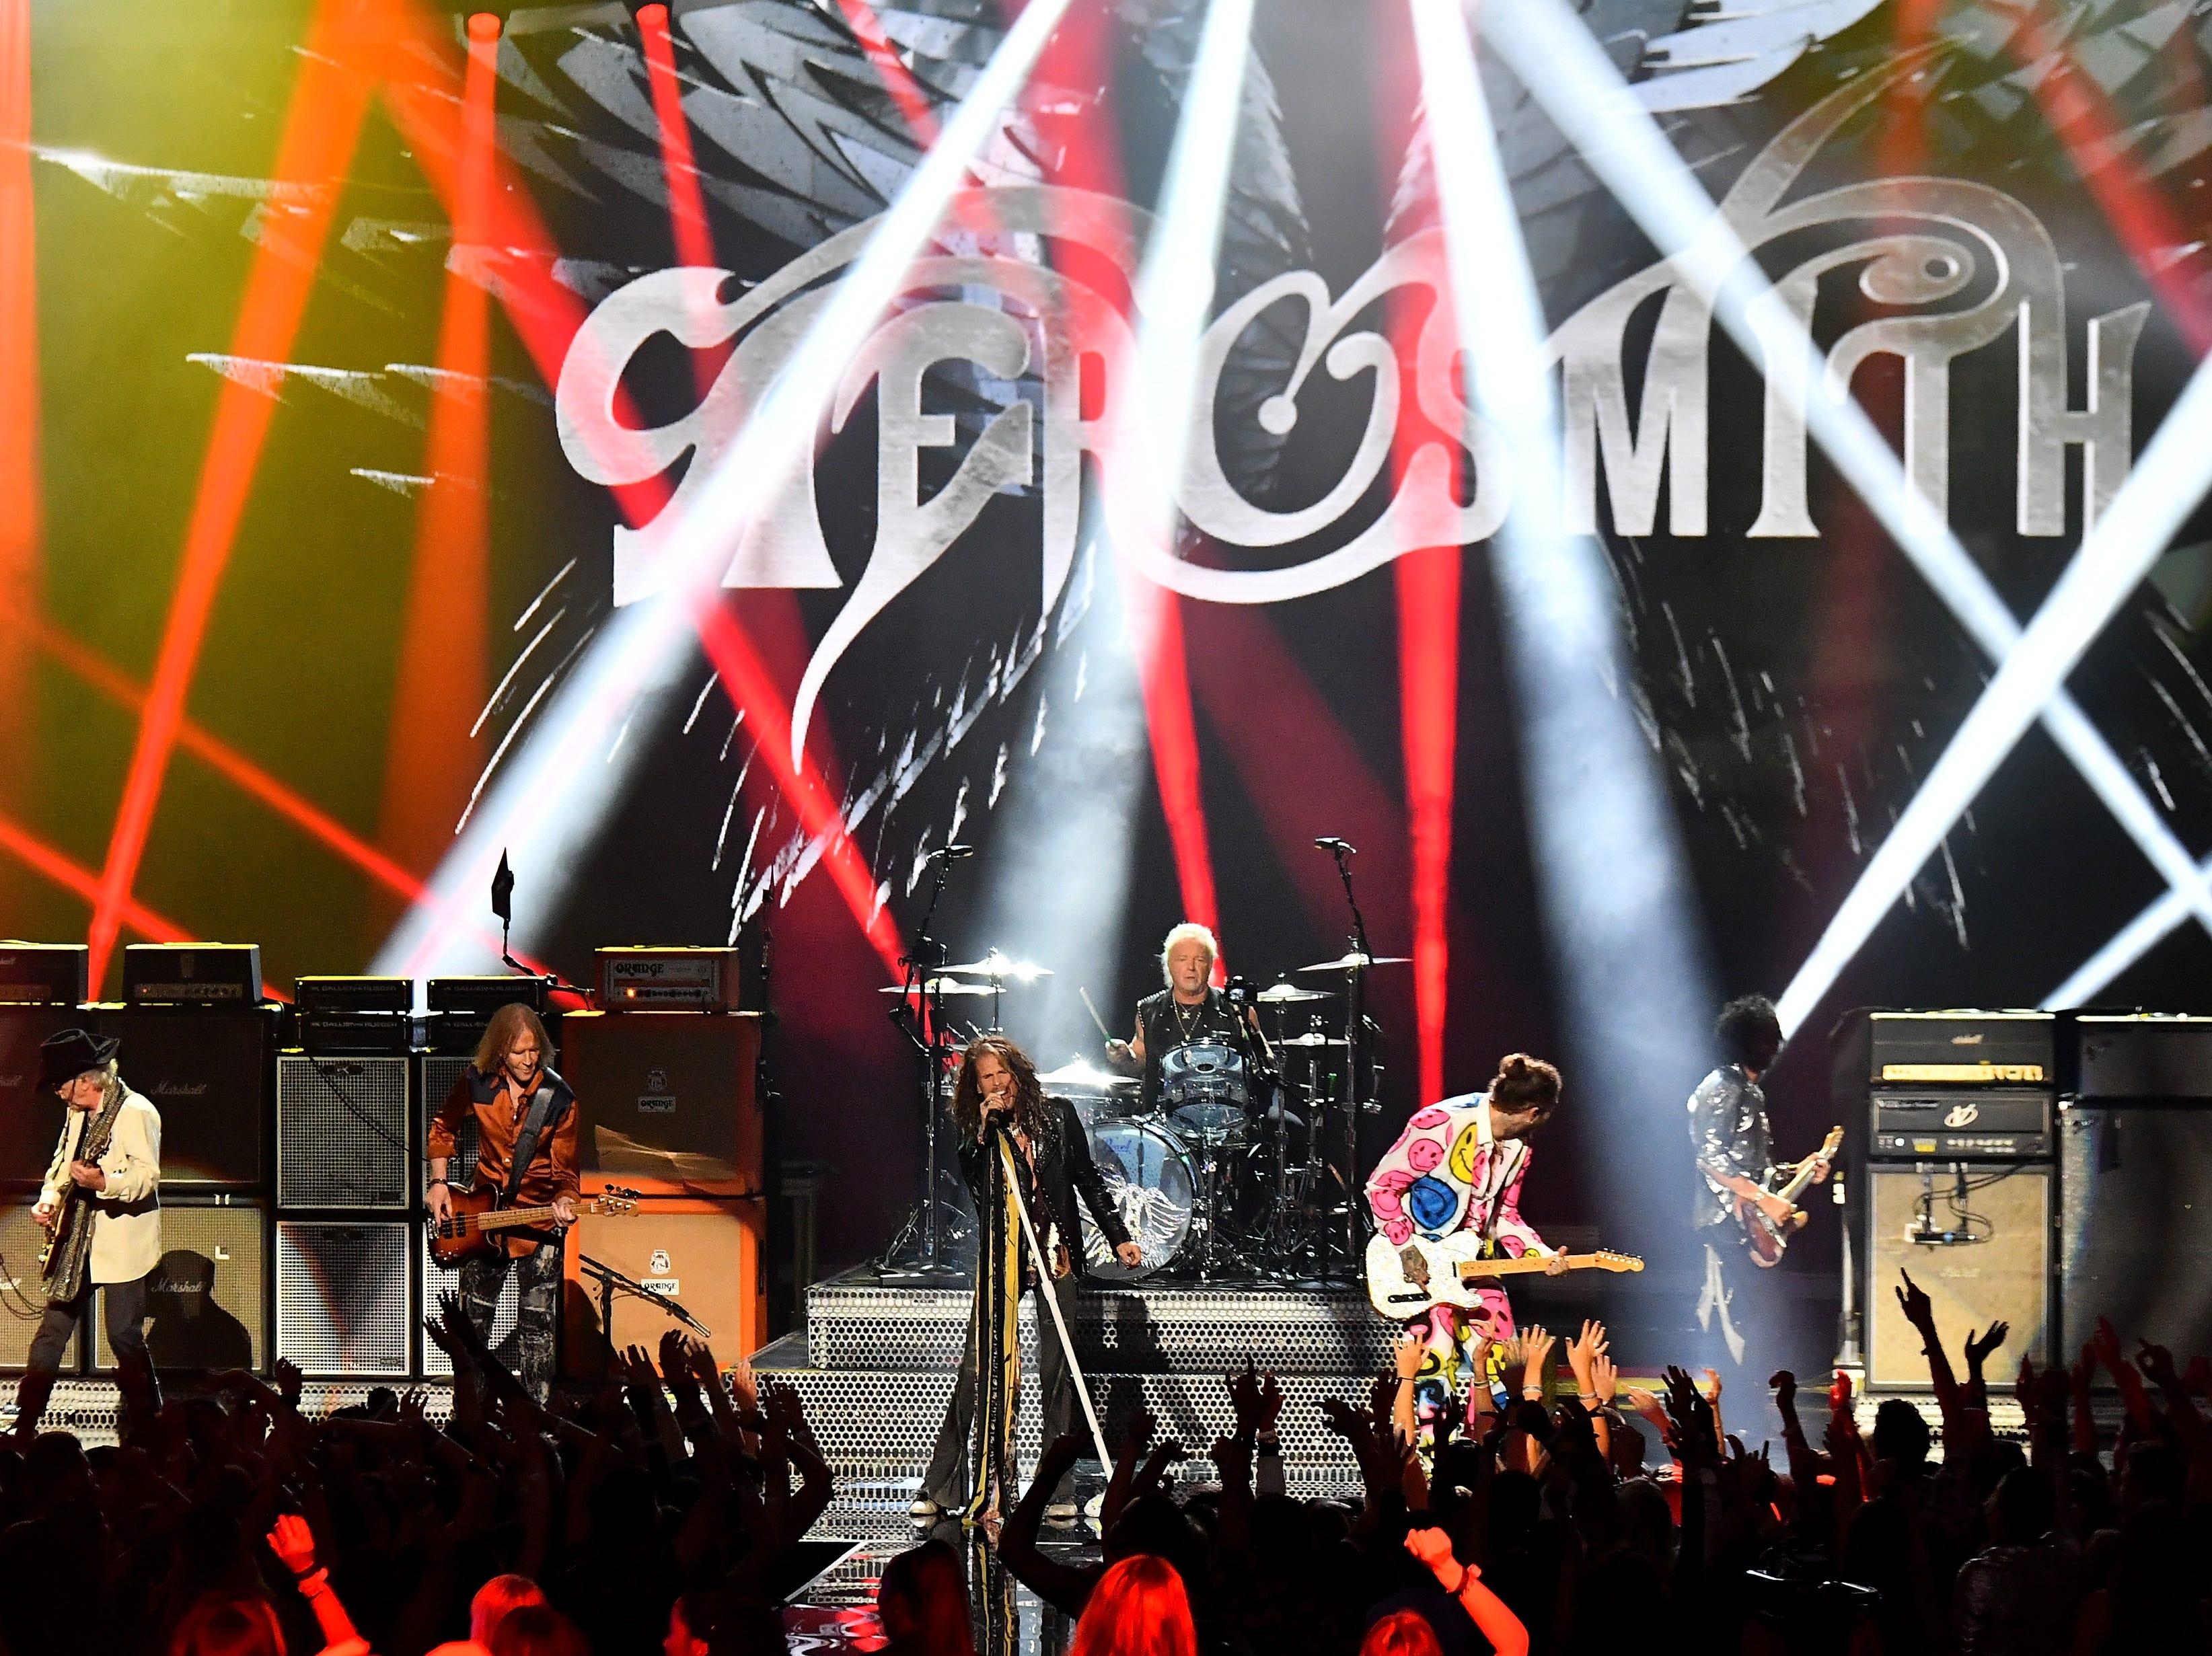 Aerosmith y Post Malone (der) actúan en el escenario durante los MTV Video Music Awards 2018 en el Radio City Music Hall el 20 de agosto de 2018 en la ciudad de Nueva York.